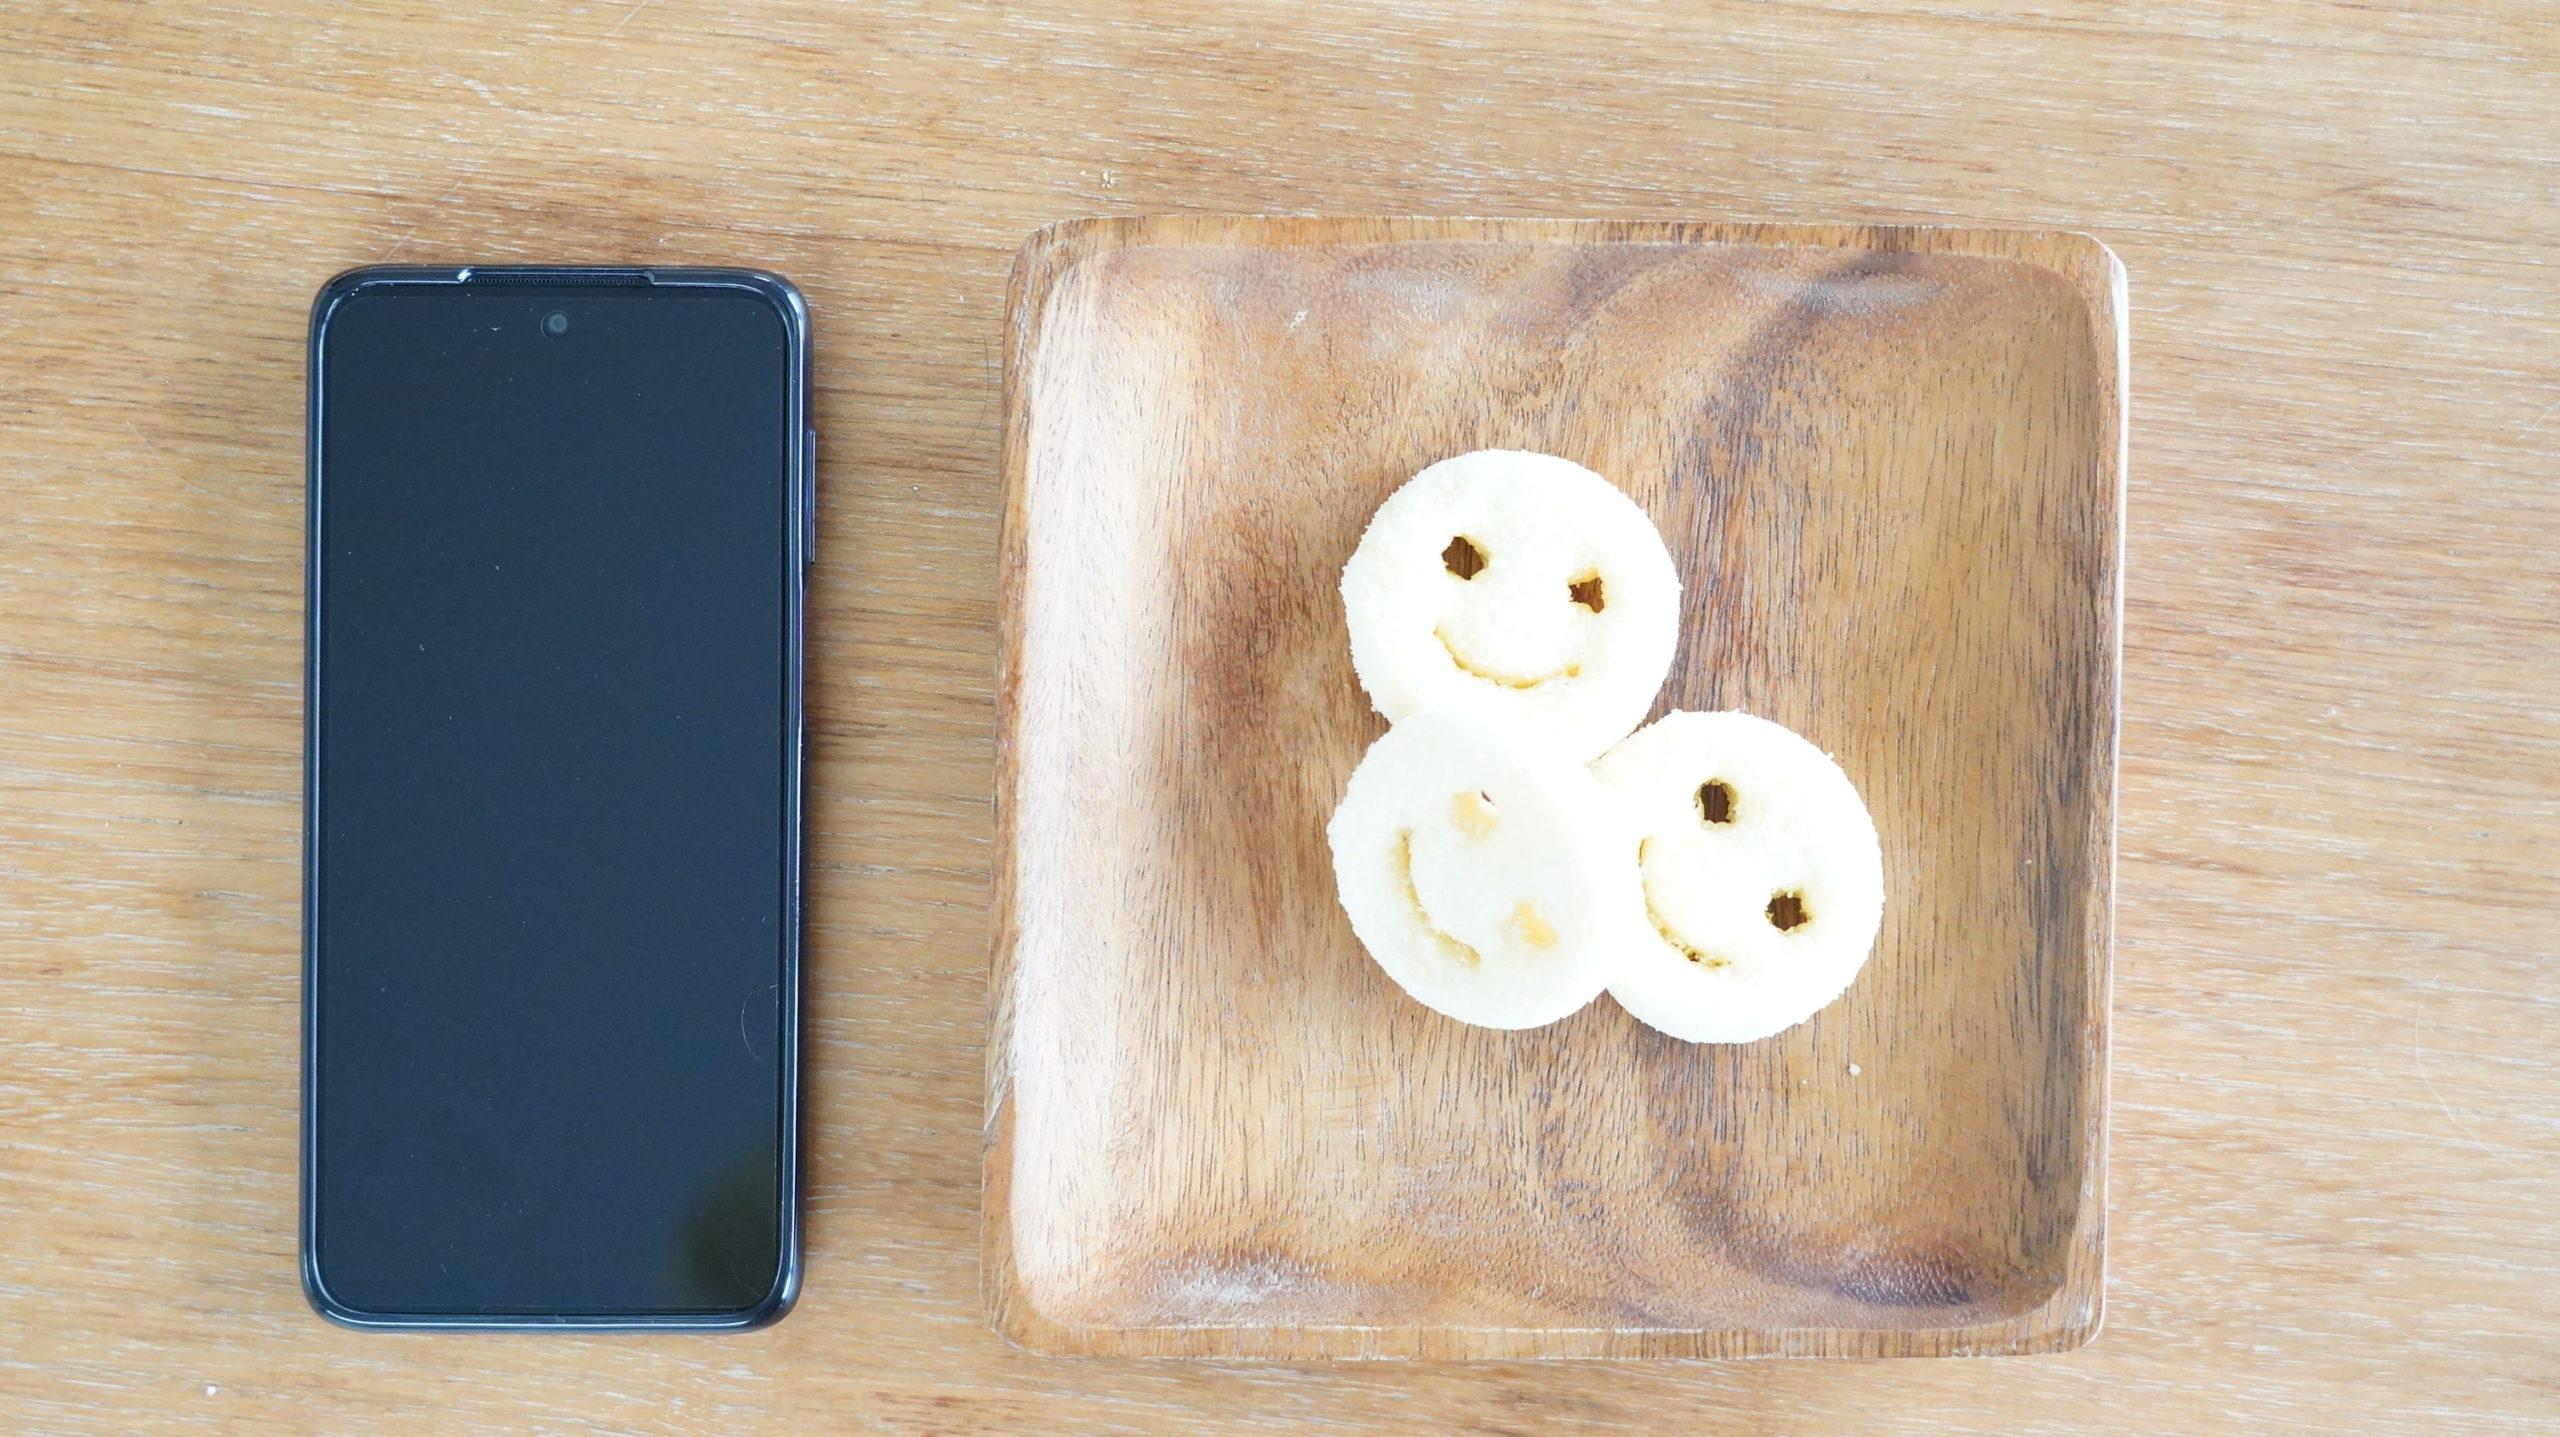 コストコの冷凍食品「マッケイン・スマイルポテト」とスマホの大きさ比較写真